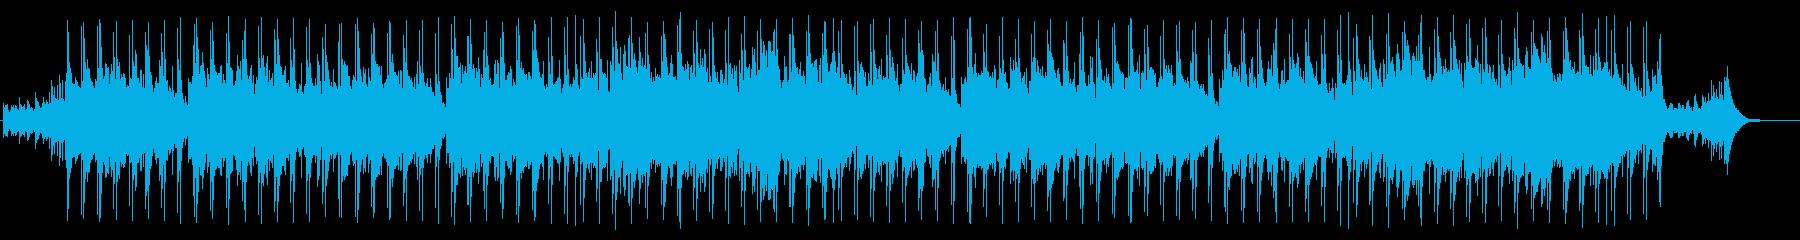 メルヘンチックなポップ/アコースティックの再生済みの波形